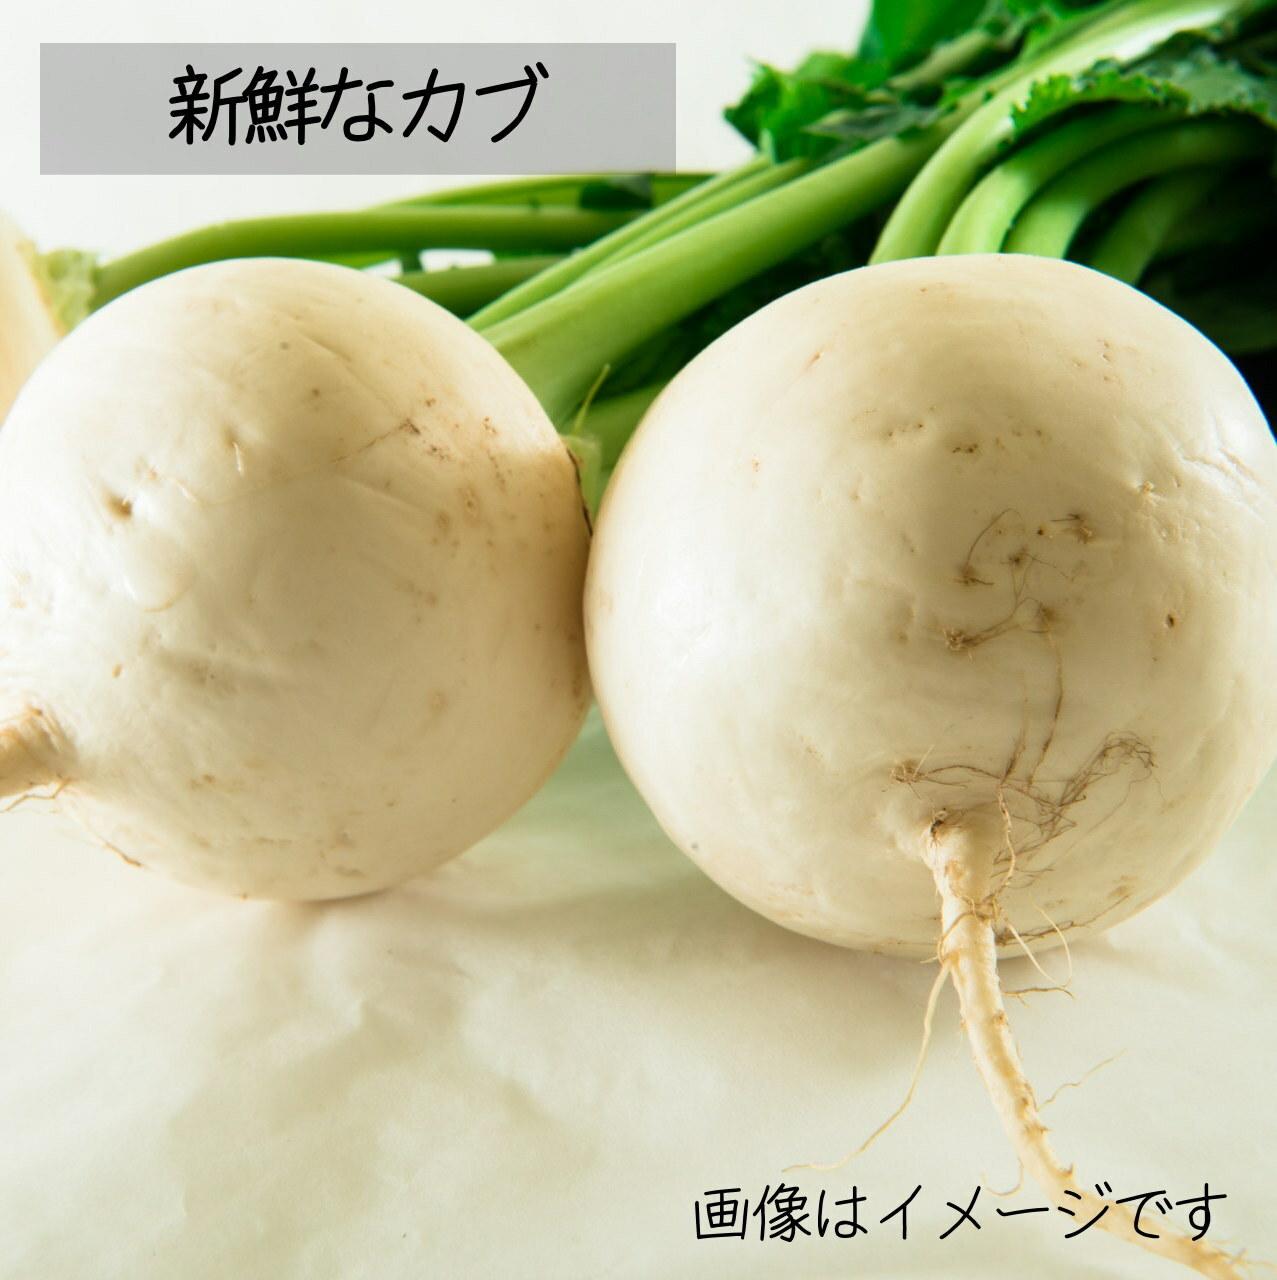 6月の朝採り直売野菜 : カブ 3~4個  春の新鮮野菜 6月6日発送予定